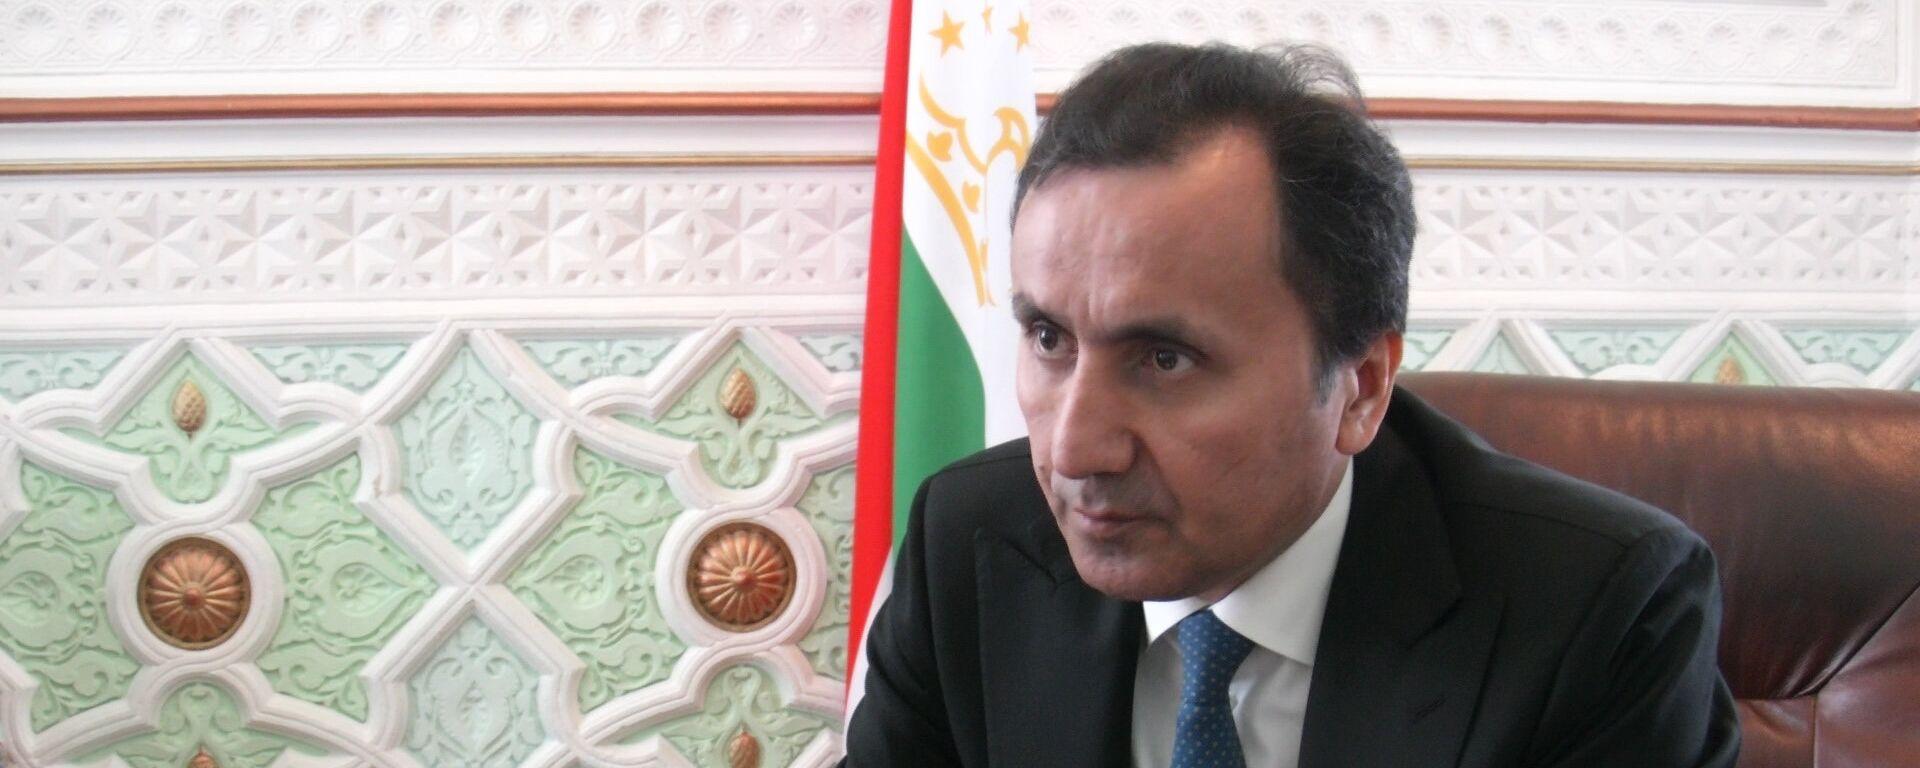 Посол Таджикистана в России Имомуддин Сатторов - Sputnik Тоҷикистон, 1920, 02.10.2019